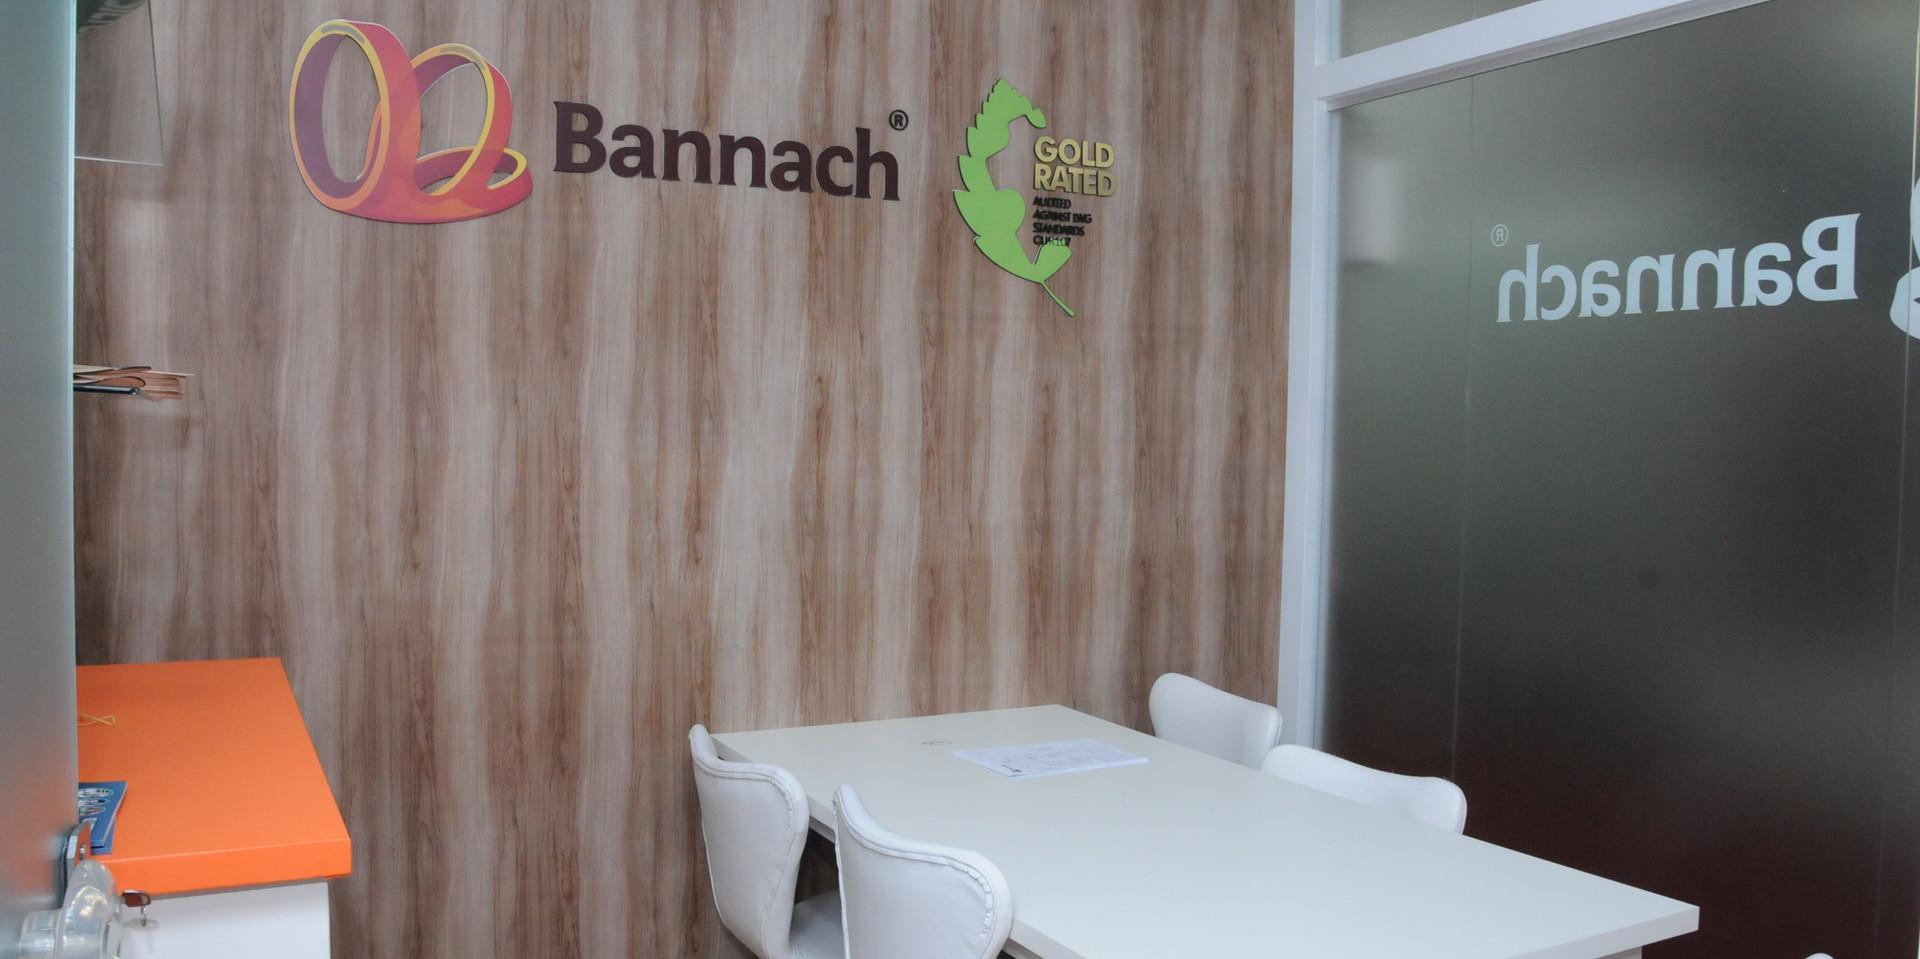 Bannach_(1)[1].JPG